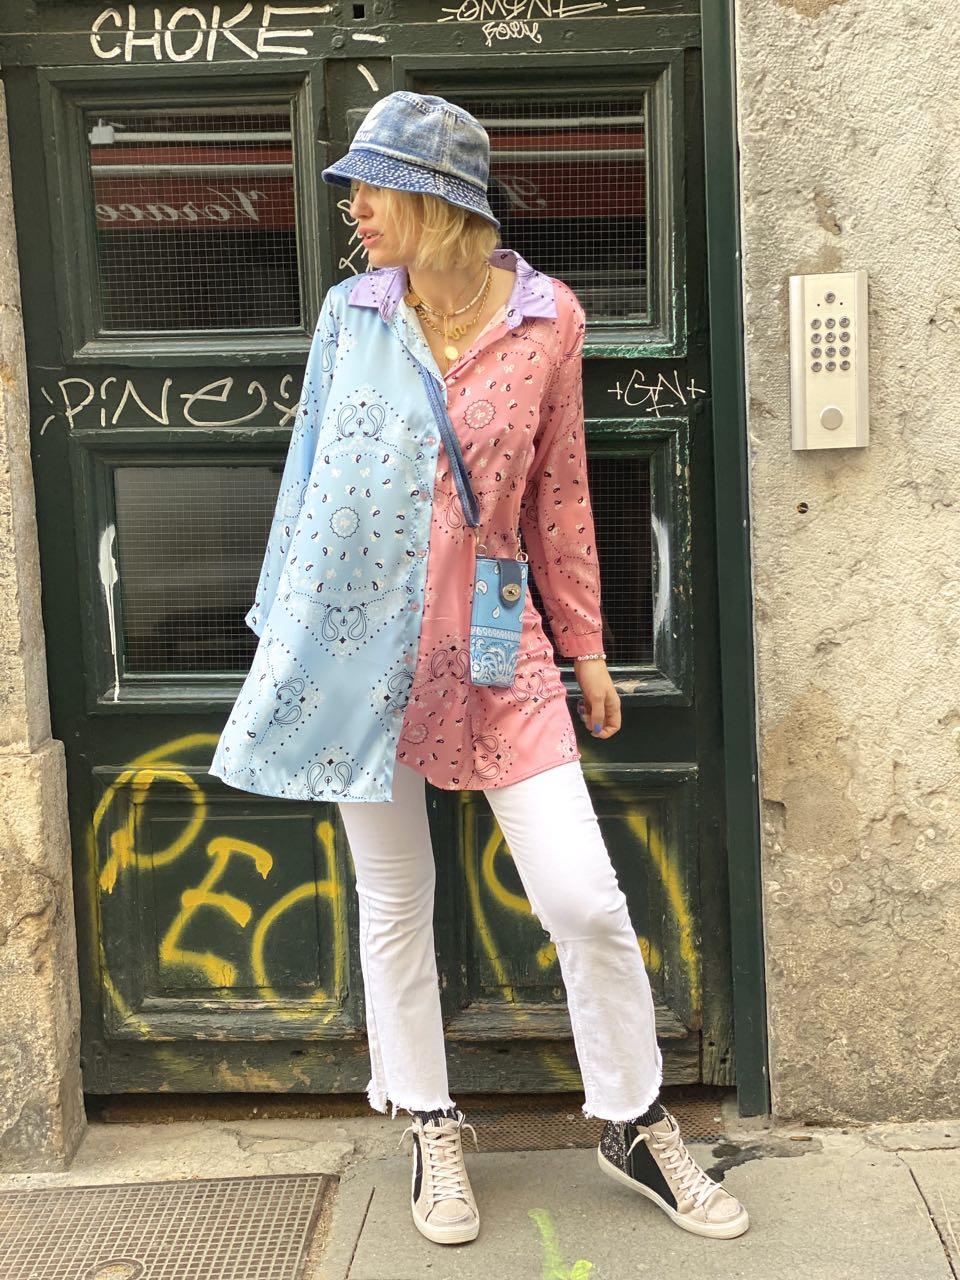 chemise bandana rose 2